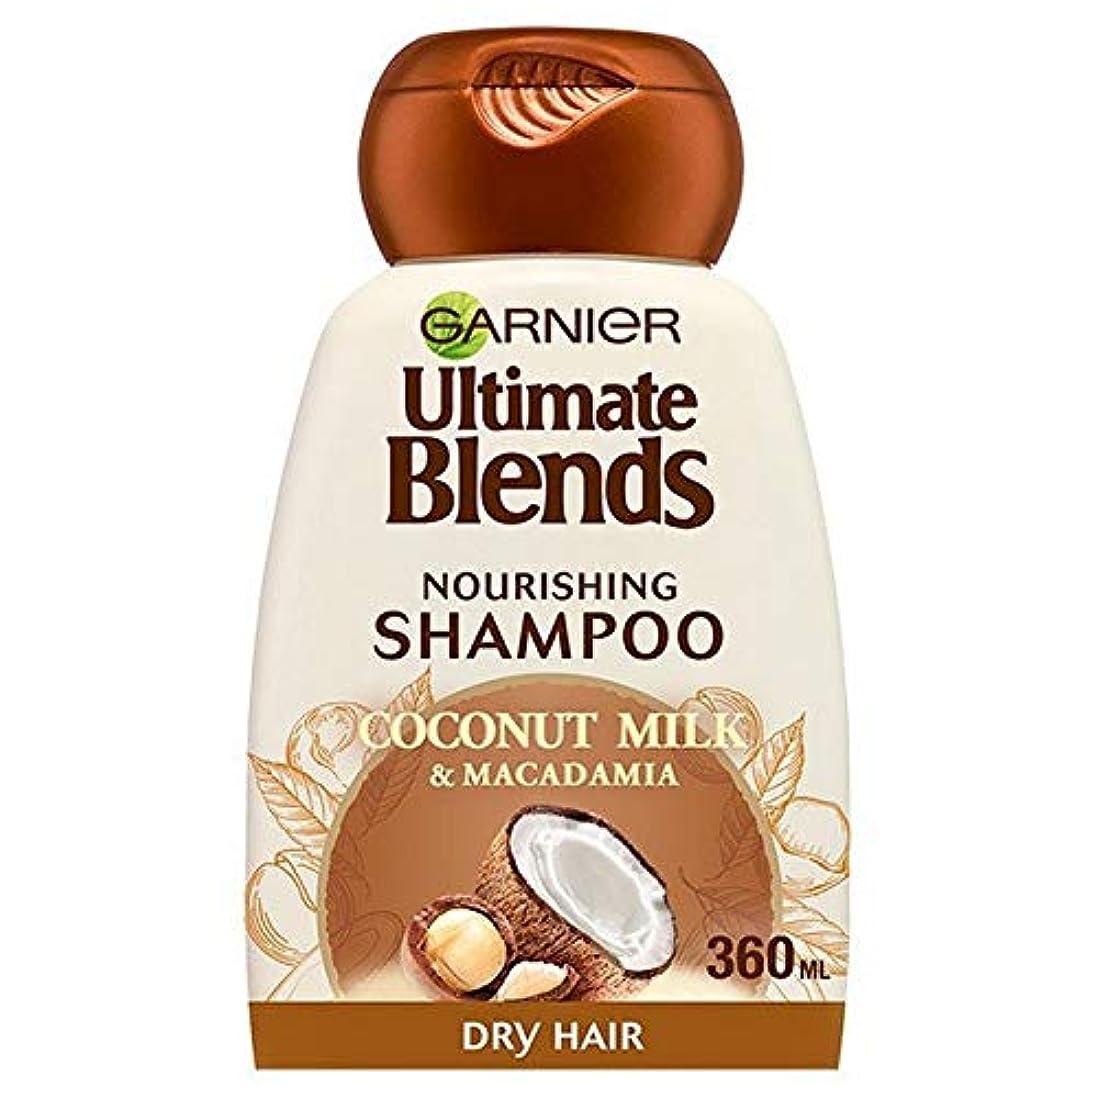 神経衰弱葡萄死ぬ[Garnier ] 究極のブレンドココナッツミルクドライヘアシャンプー360ミリリットル - Ultimate Blends Coconut Milk Dry Hair Shampoo 360ml [並行輸入品]